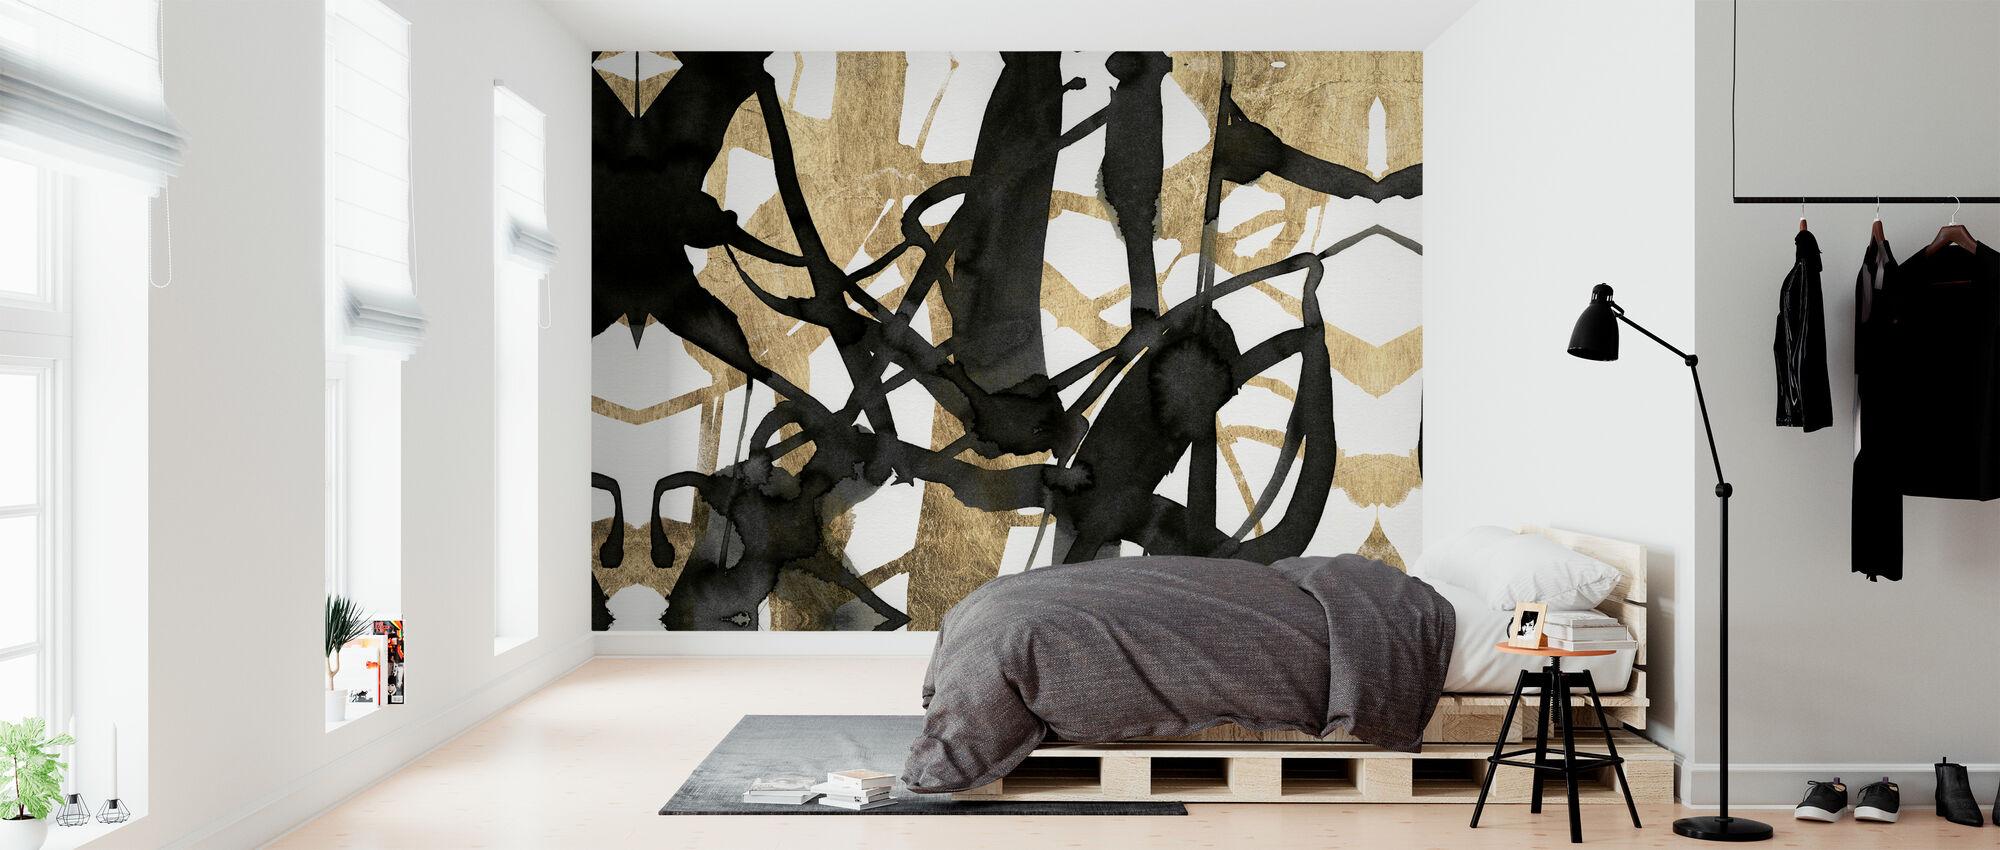 Dekorert Luxe - Tapet - Soverom